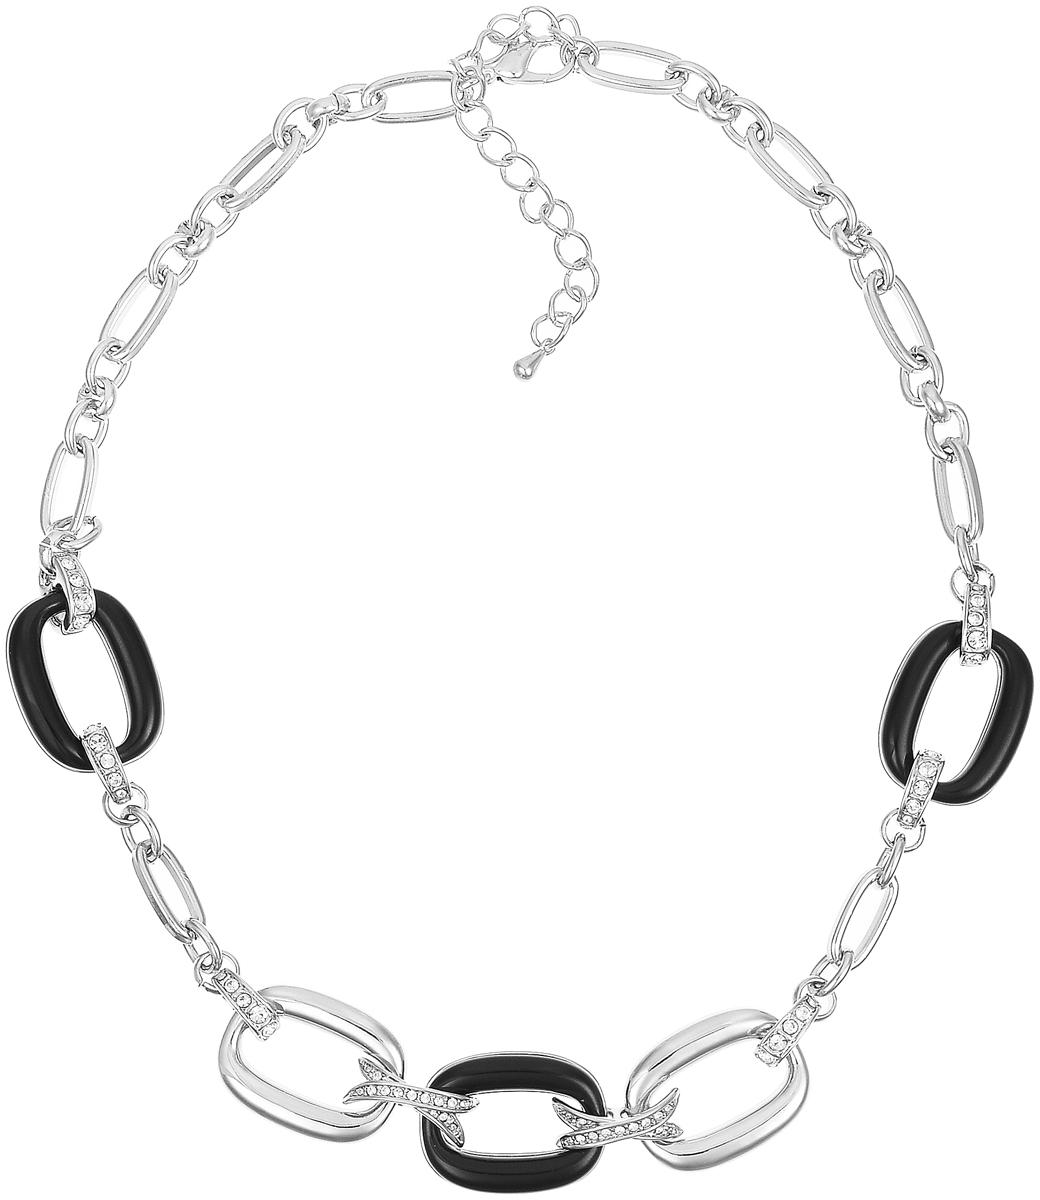 Ожерелье Art-Silver, цвет: серебряный, черный. MS06196N-R-B-1701Бусы-ошейникОжерелье современного дизайна Art-Silver изготовлено из бижутерийного сплава. Центральная часть ожерелья дополнена декоративными элементами с вставками из циркона и эмали. Колье застегивается на замок-карабин, длина изделия регулируется за счет дополнительных звеньев. В комплекте с украшением поставляется мешочек для хранения.